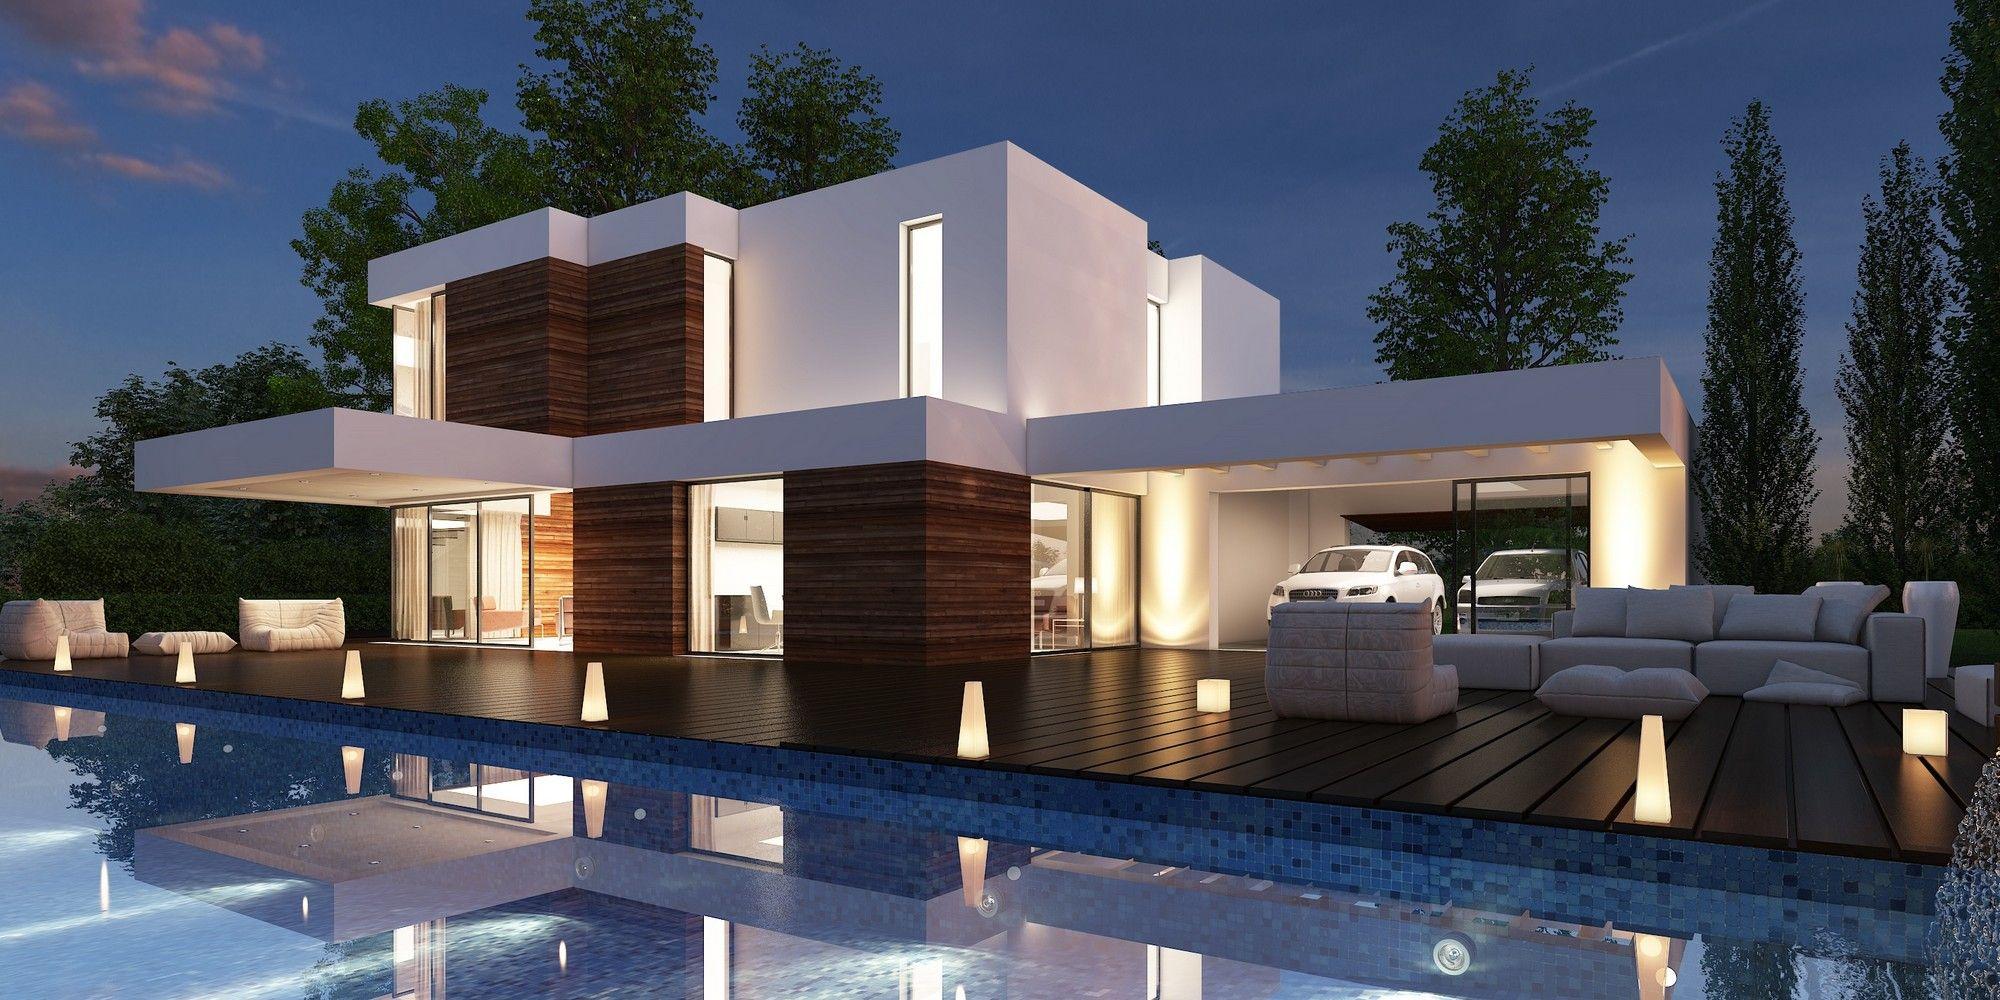 C m e r a mousse proyectos que debo intentar for Viviendas modernas fachadas